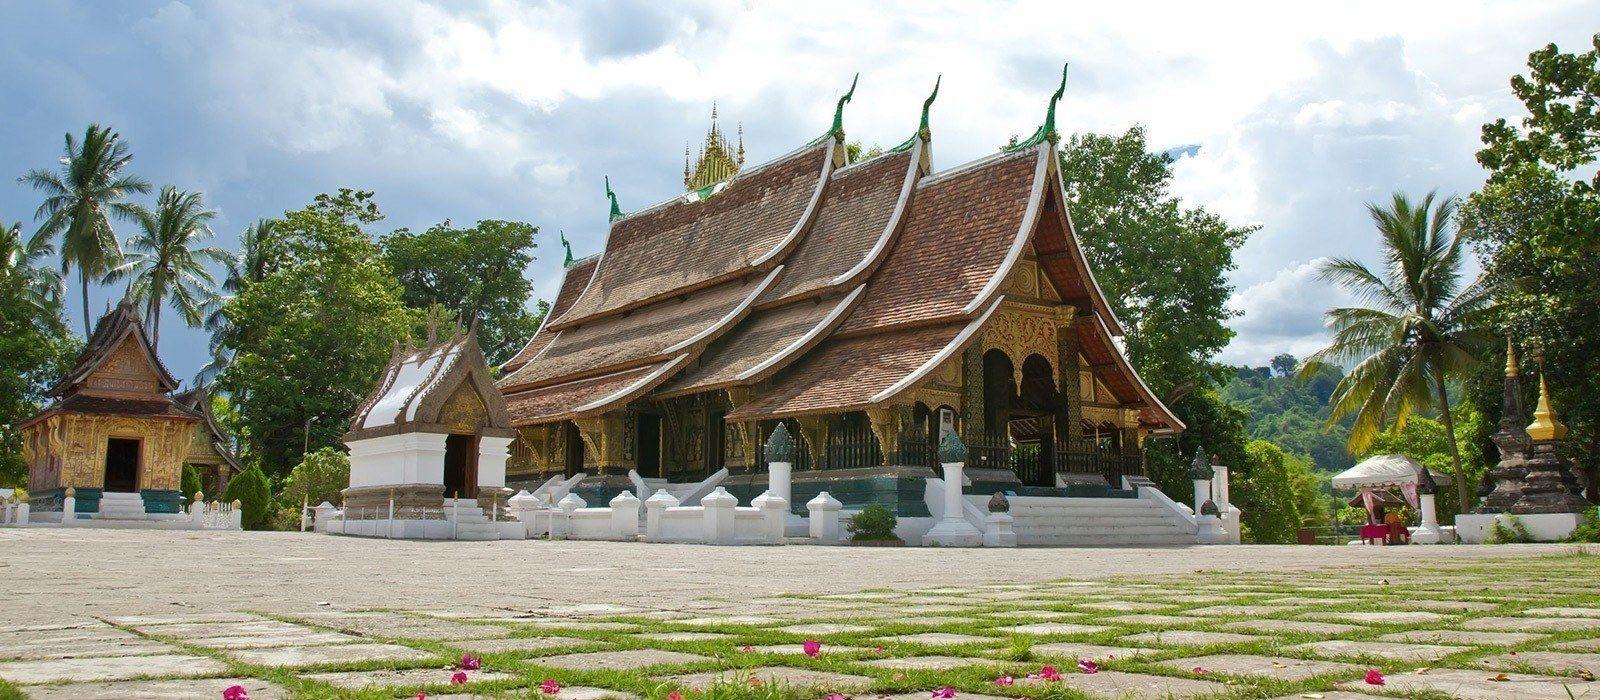 Destination Luang Prabang Laos